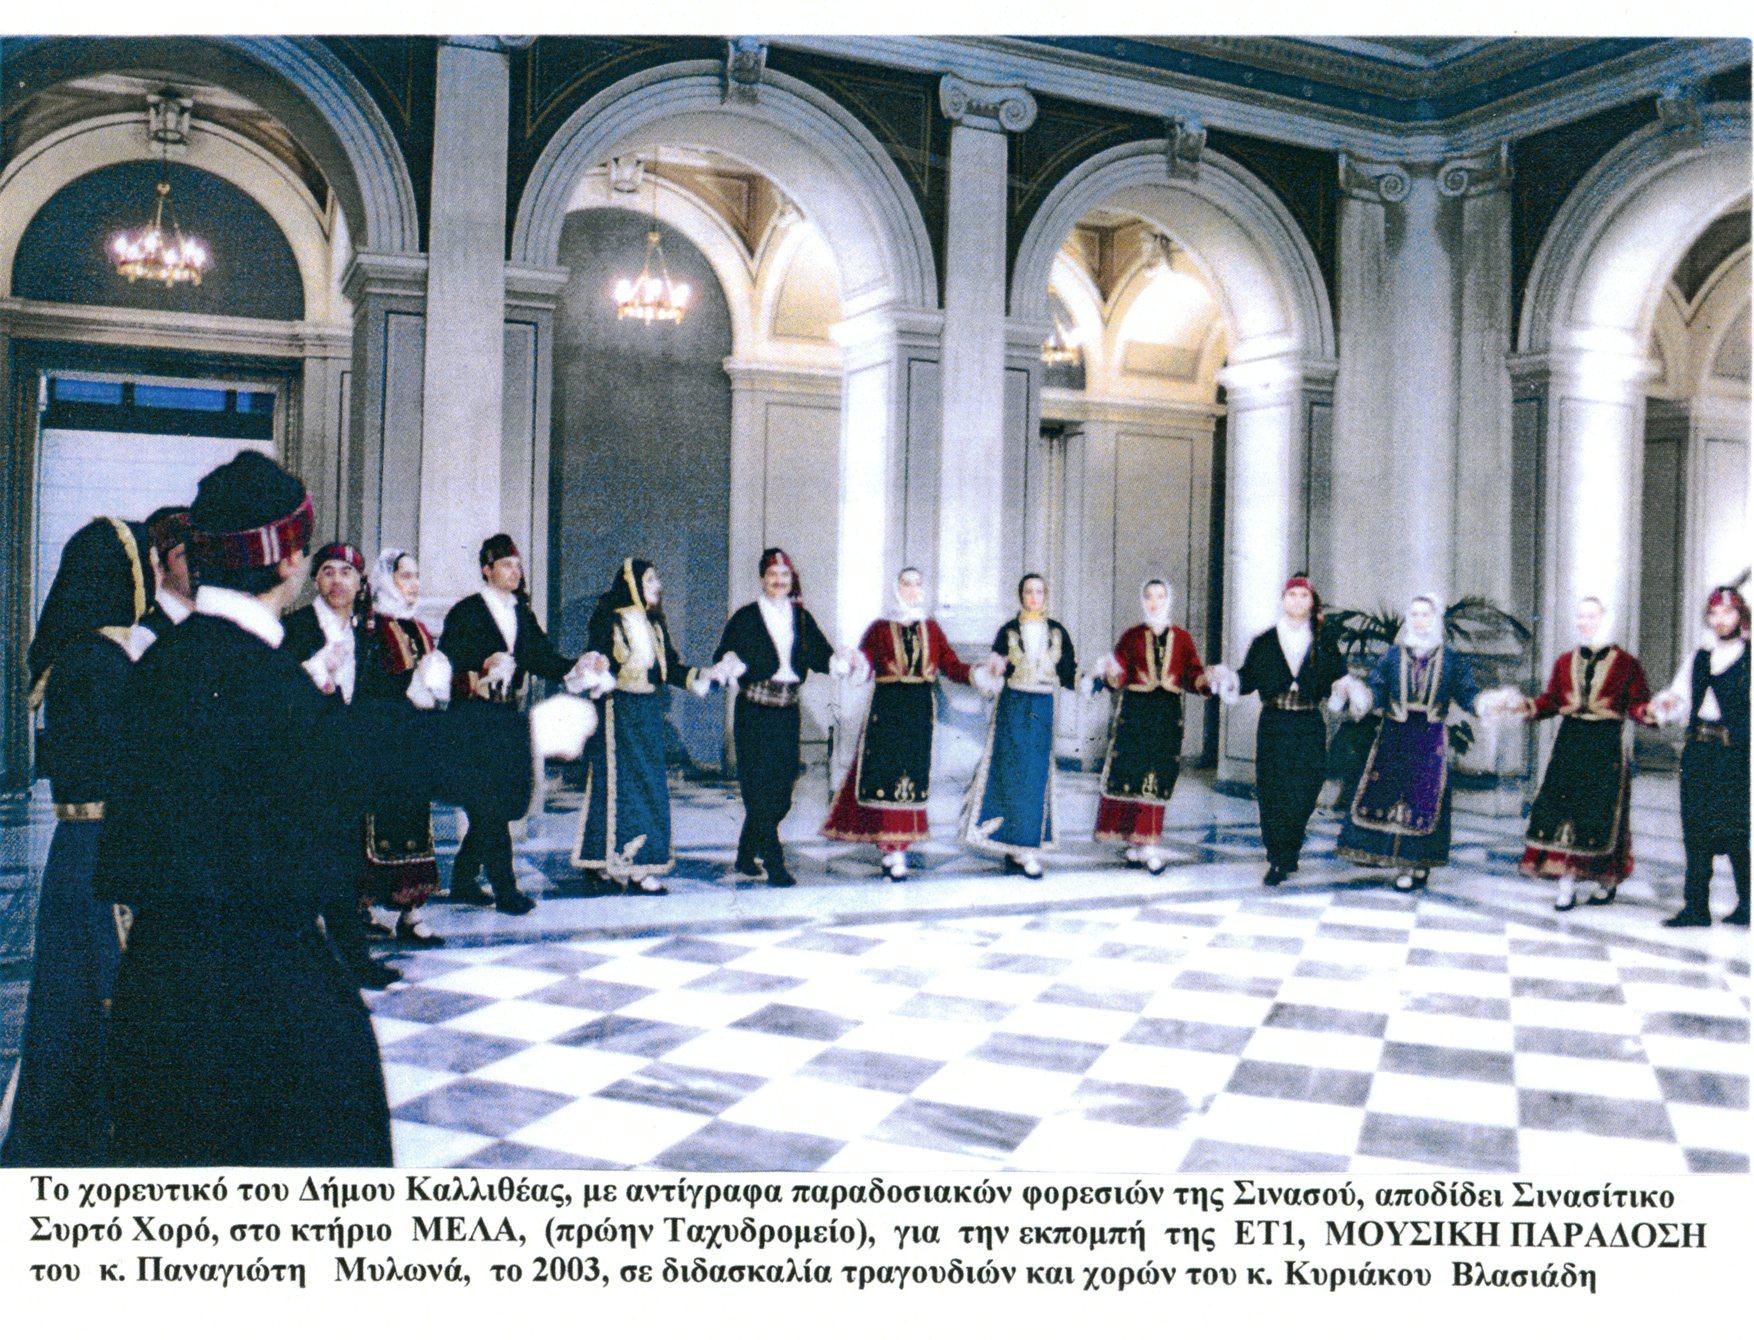 Χορευτικό συγκρότημα του Δήμου Καλλιθέας με αντίγραφα φορεσιών της Σινασού